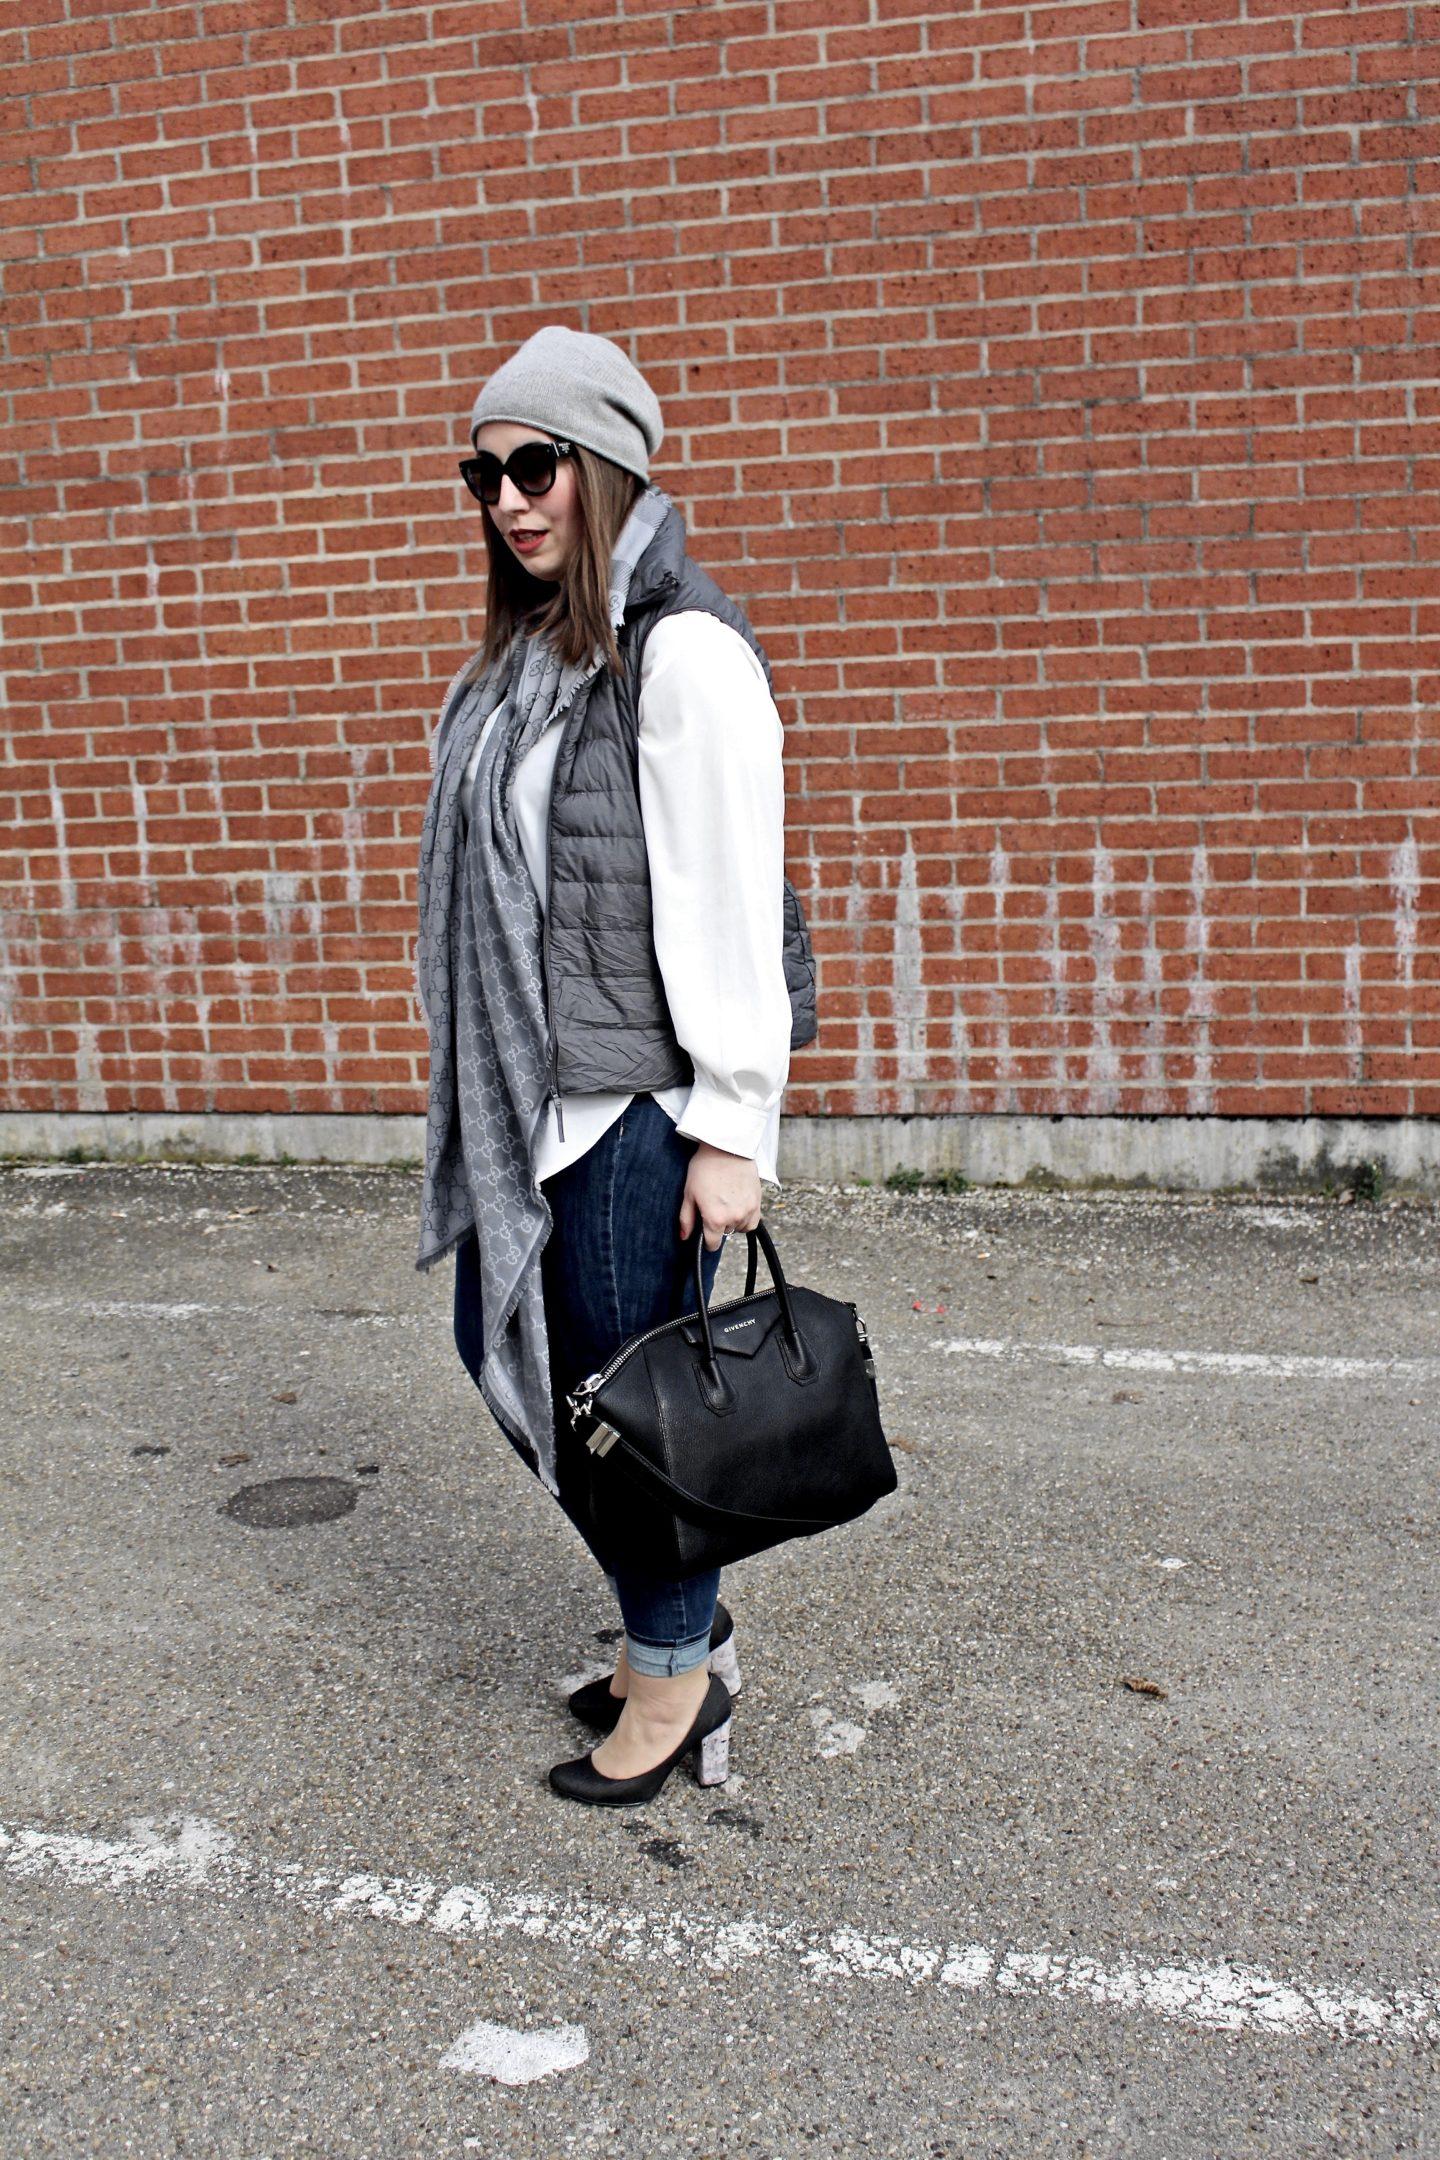 outfit-laessiger-streetstyle-daunenweste-steppweste-jeanshose-givenchy-antigona-bag-sportlicher-look-samtpumps-susanne-heidebach-misssuzieloves-fashionblogger-münchen-backsteinmauer-curvyblogger-weiße-bluse